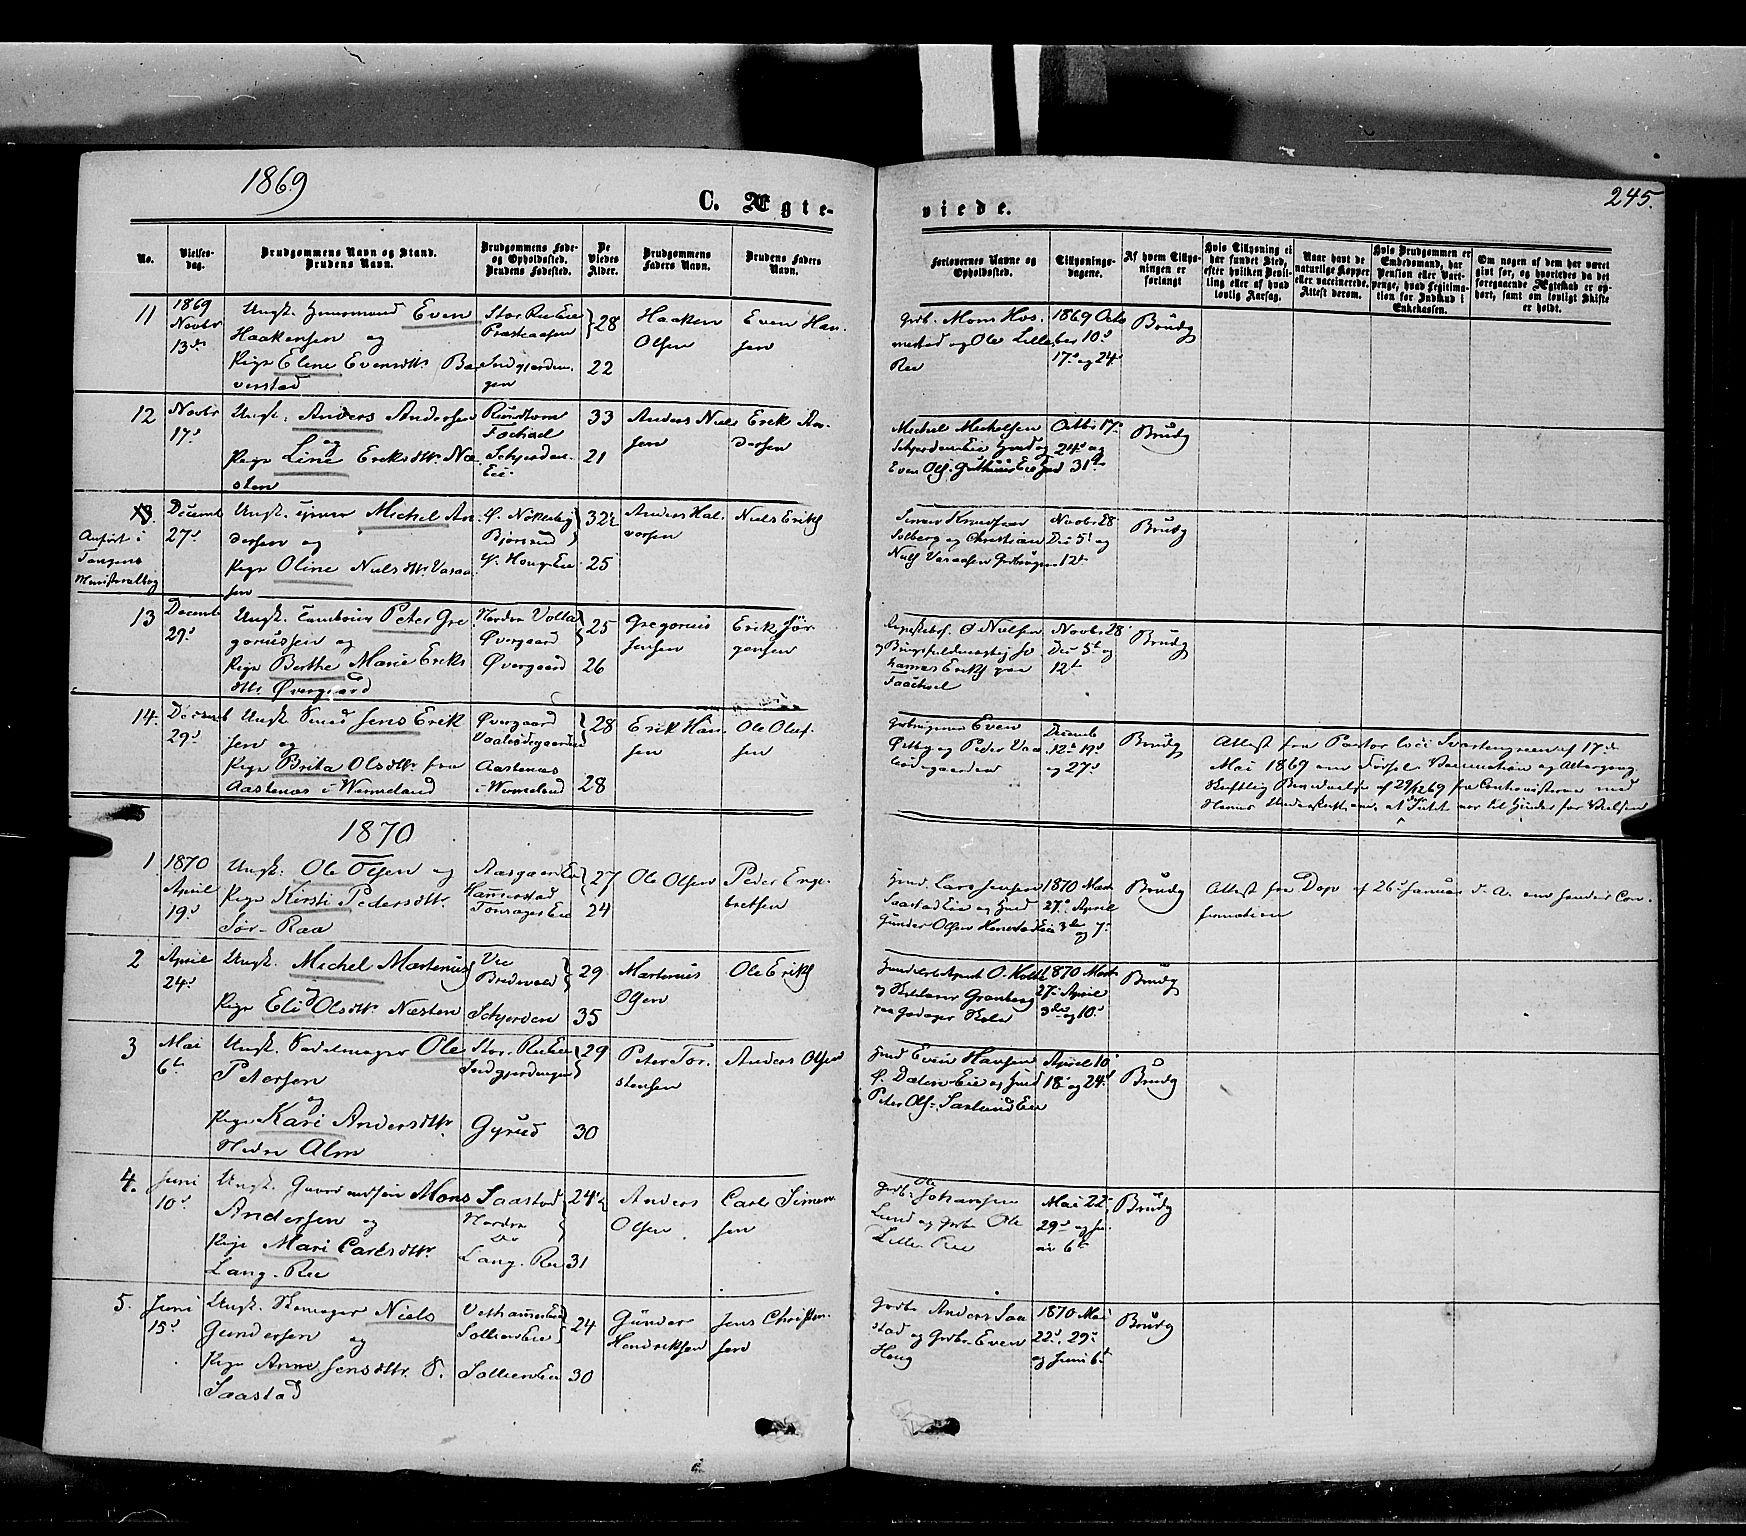 SAH, Stange prestekontor, K/L0013: Parish register (official) no. 13, 1862-1879, p. 245